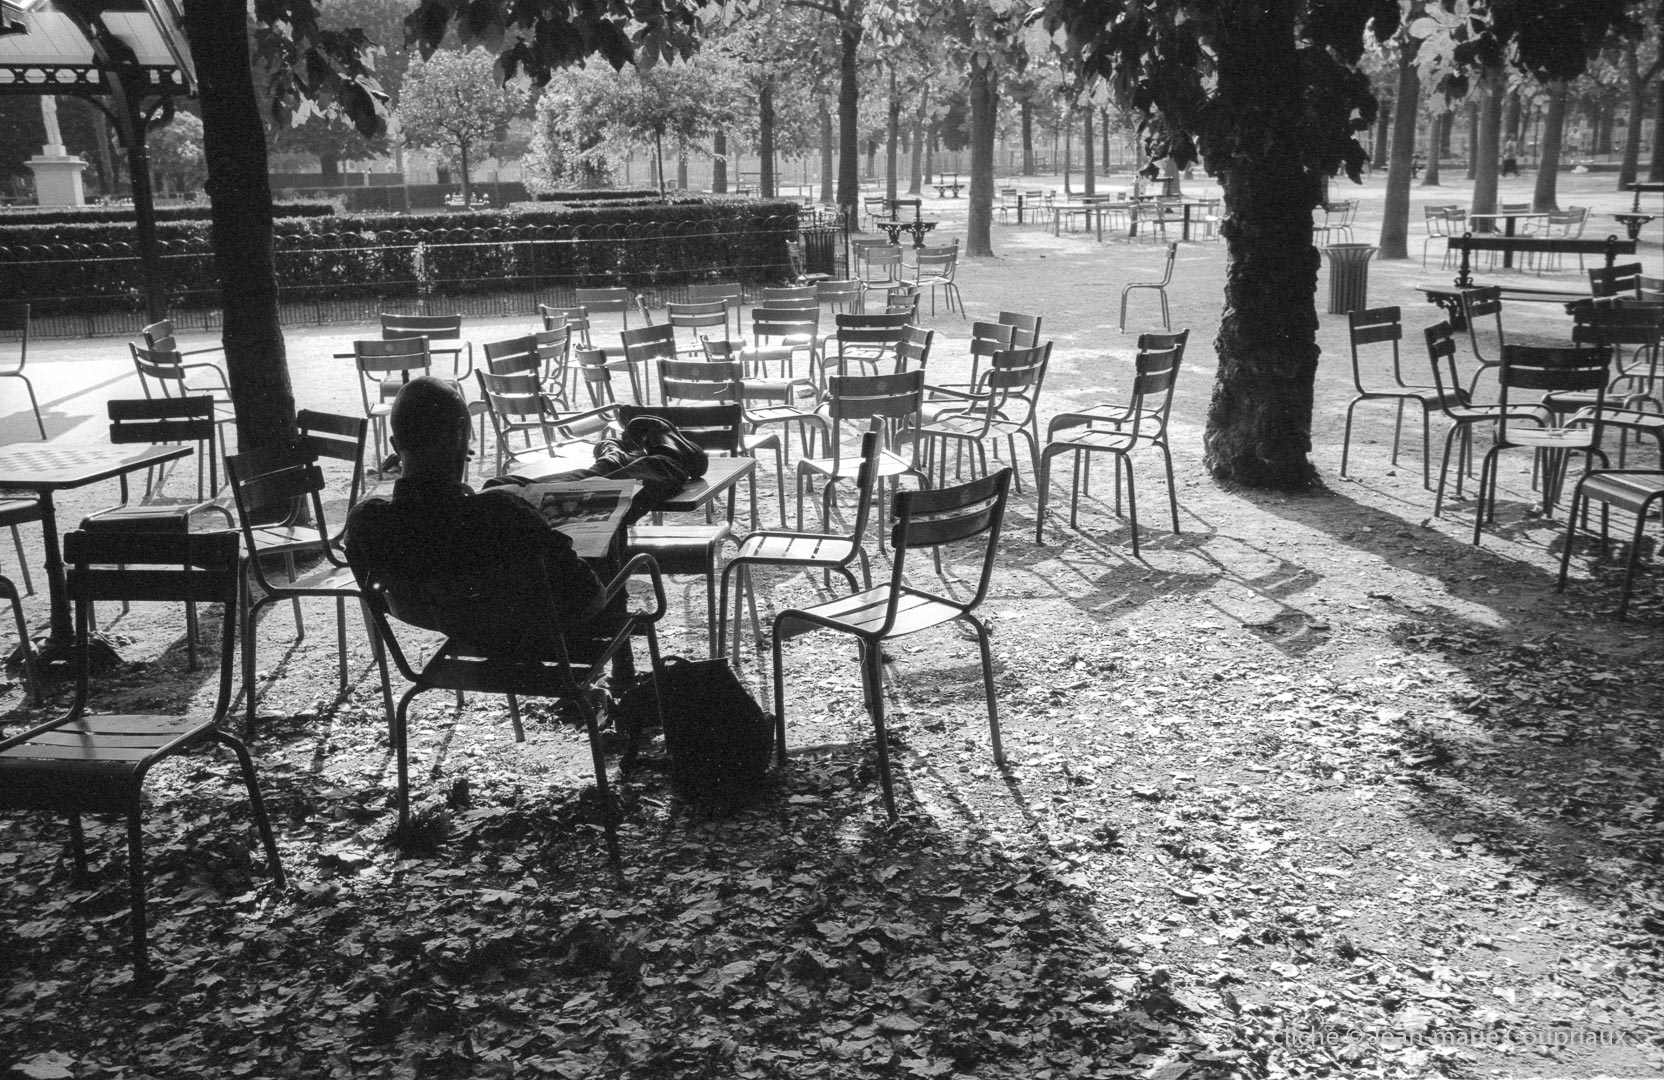 Paris_212-2003-1